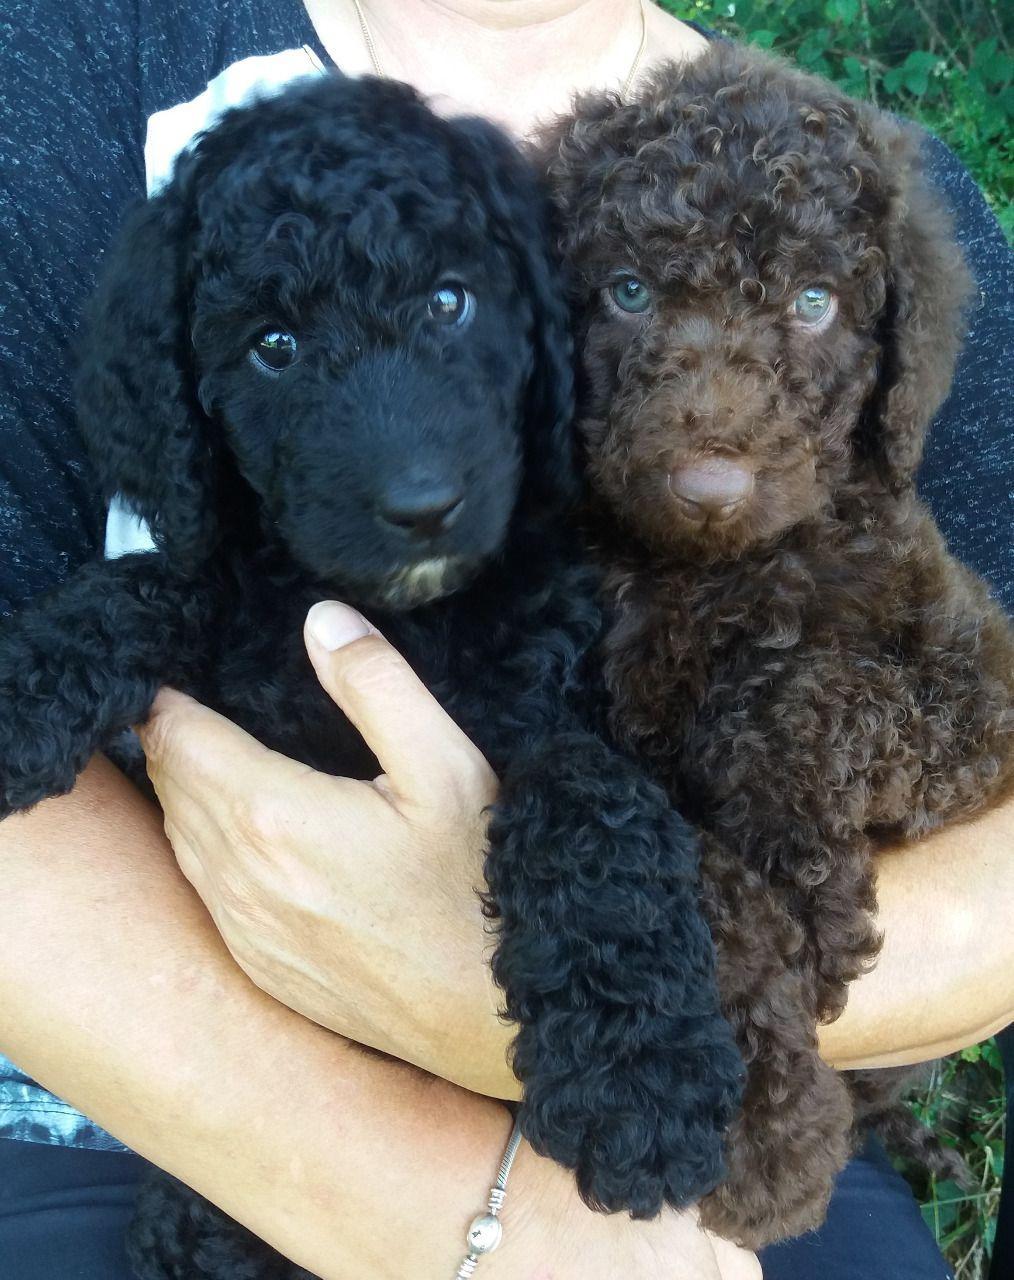 Chocolate Black Standard Poodles For Sale Carnarvon